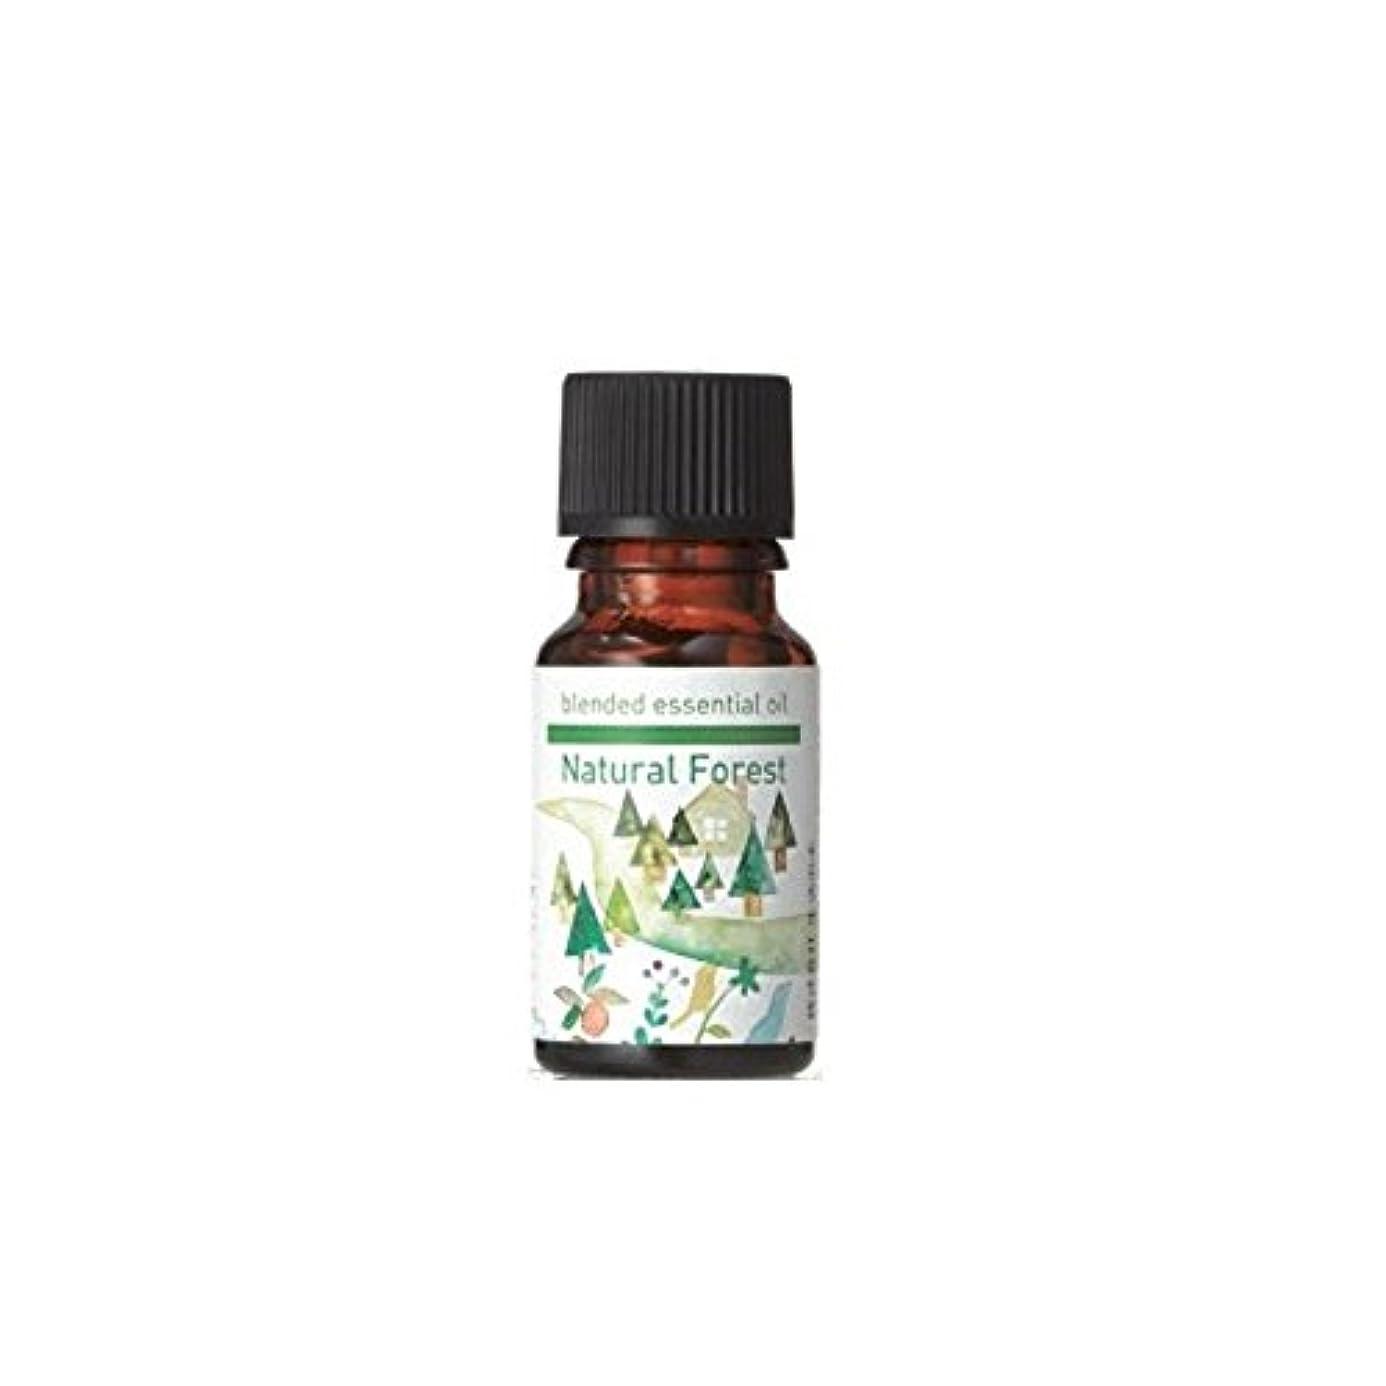 静脈病んでいる人質生活の木 ブレンドエッセンシャルオイル ナチュラルフォレスト [30ml] エッセンシャルオイル/精油